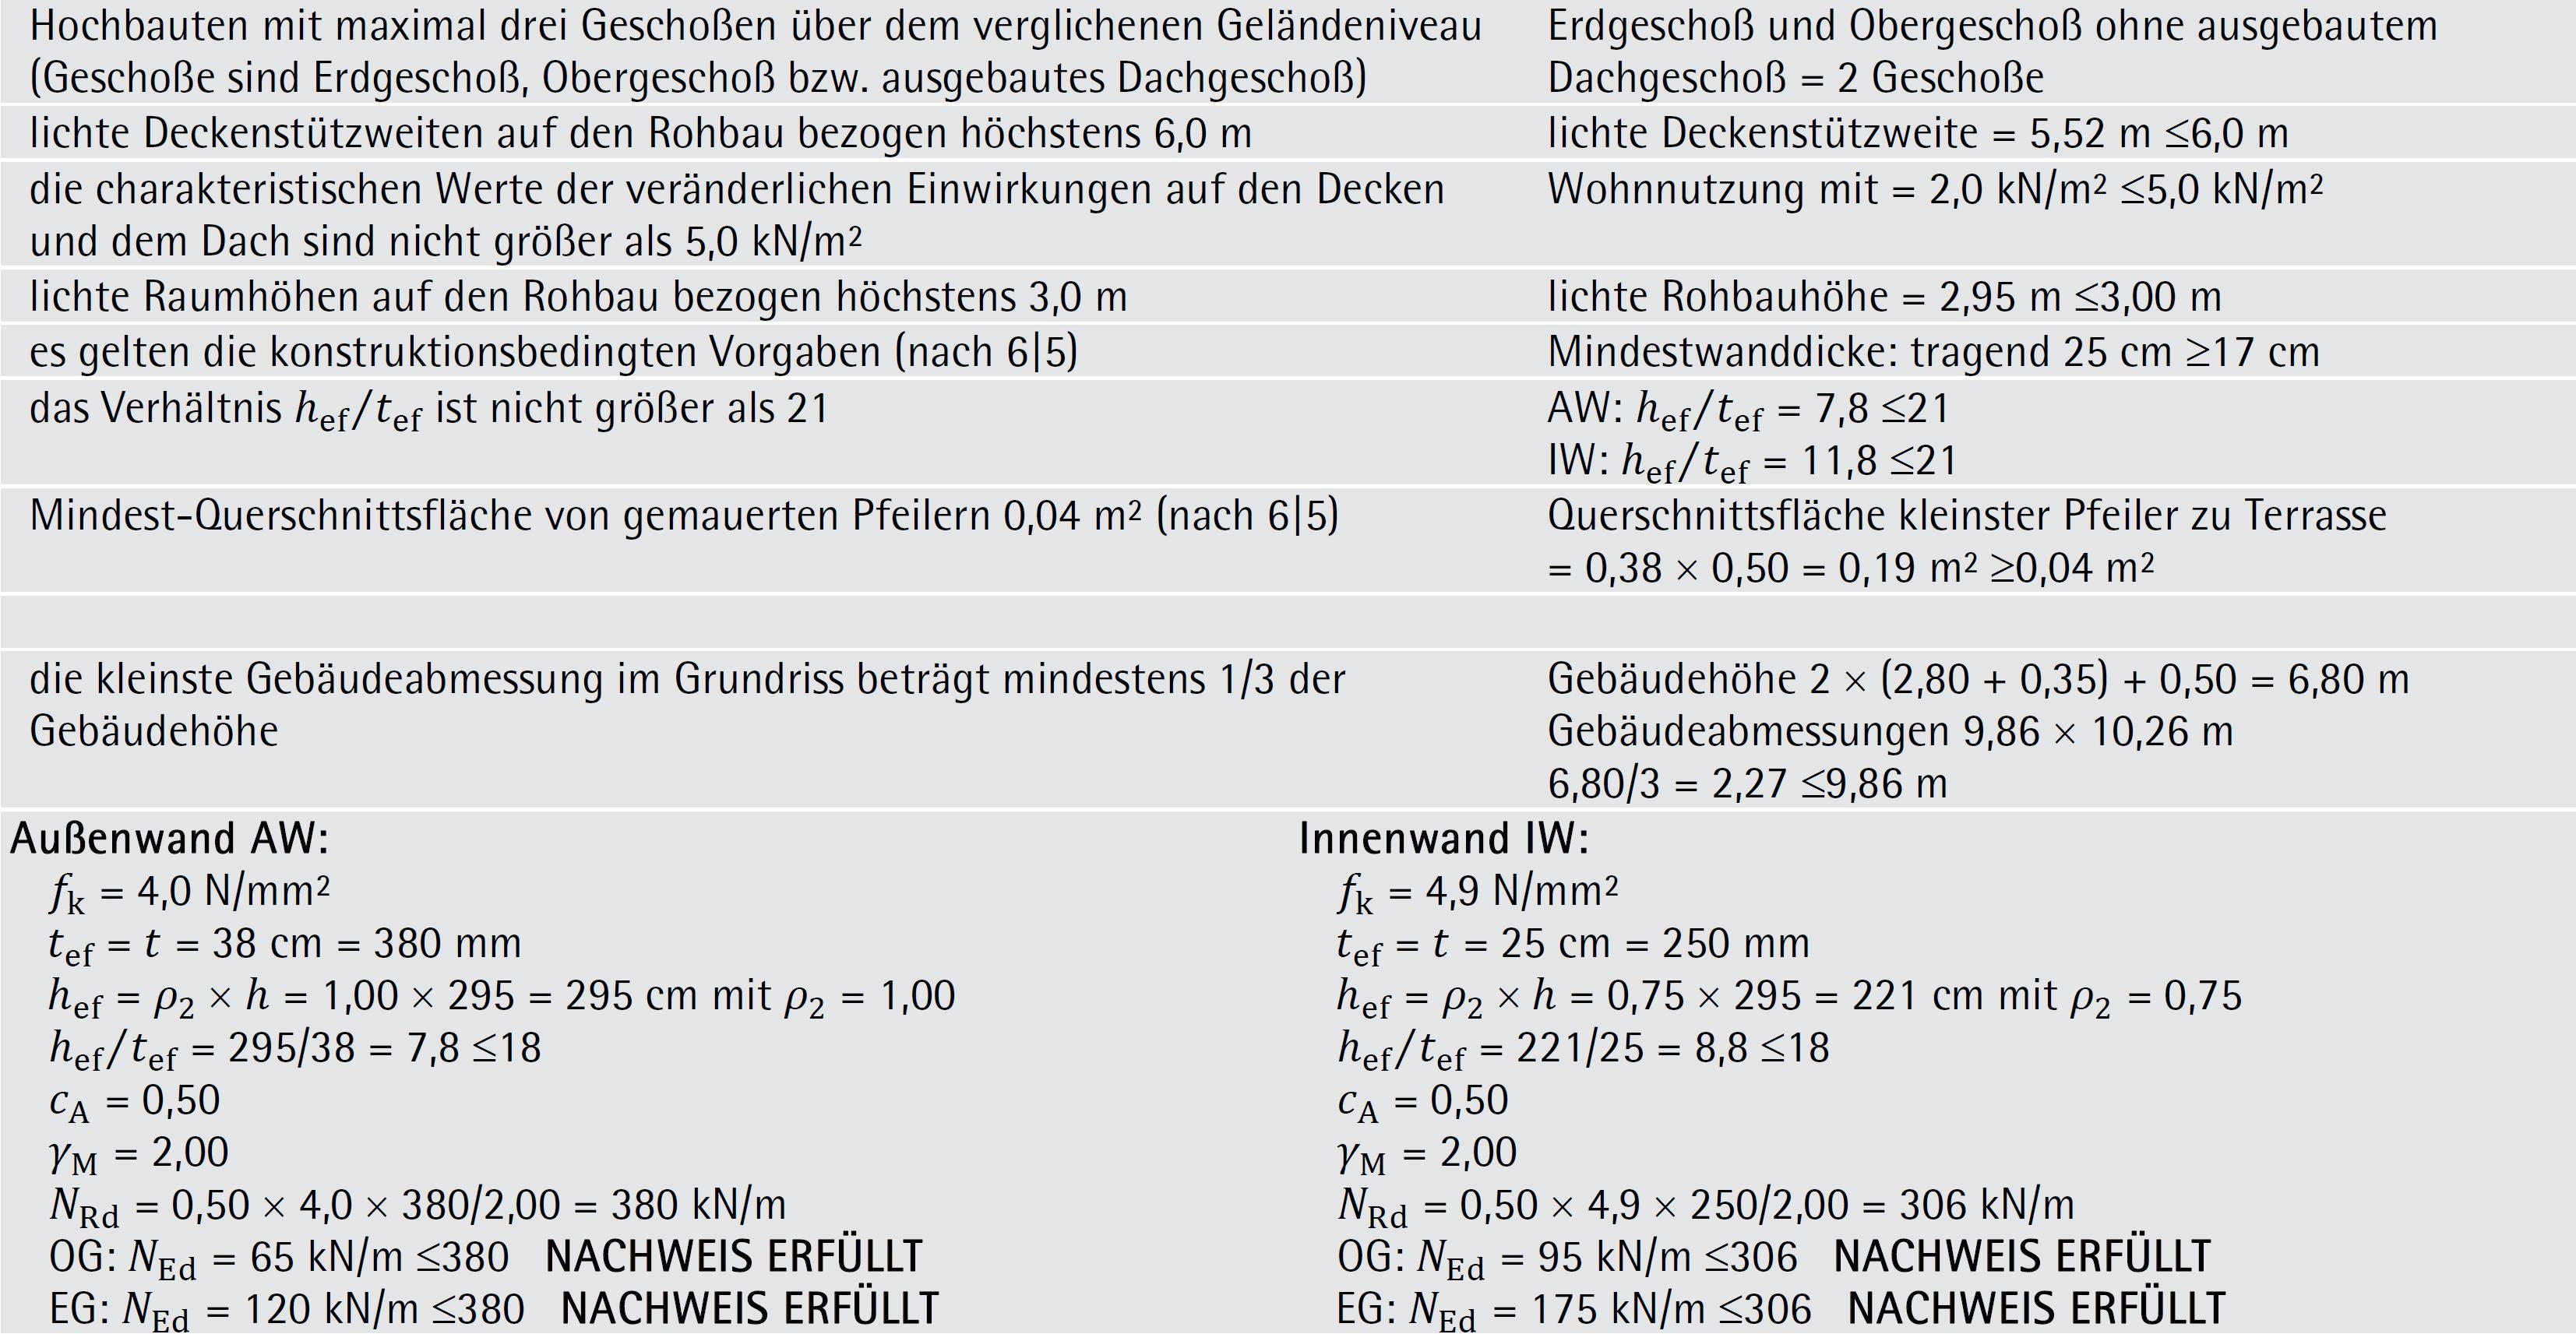 Beispiel 6-02: vereinfachter vertikaler Bemessungsnachweis – ÖNORM EN 1996-3 (Teil 2/2)